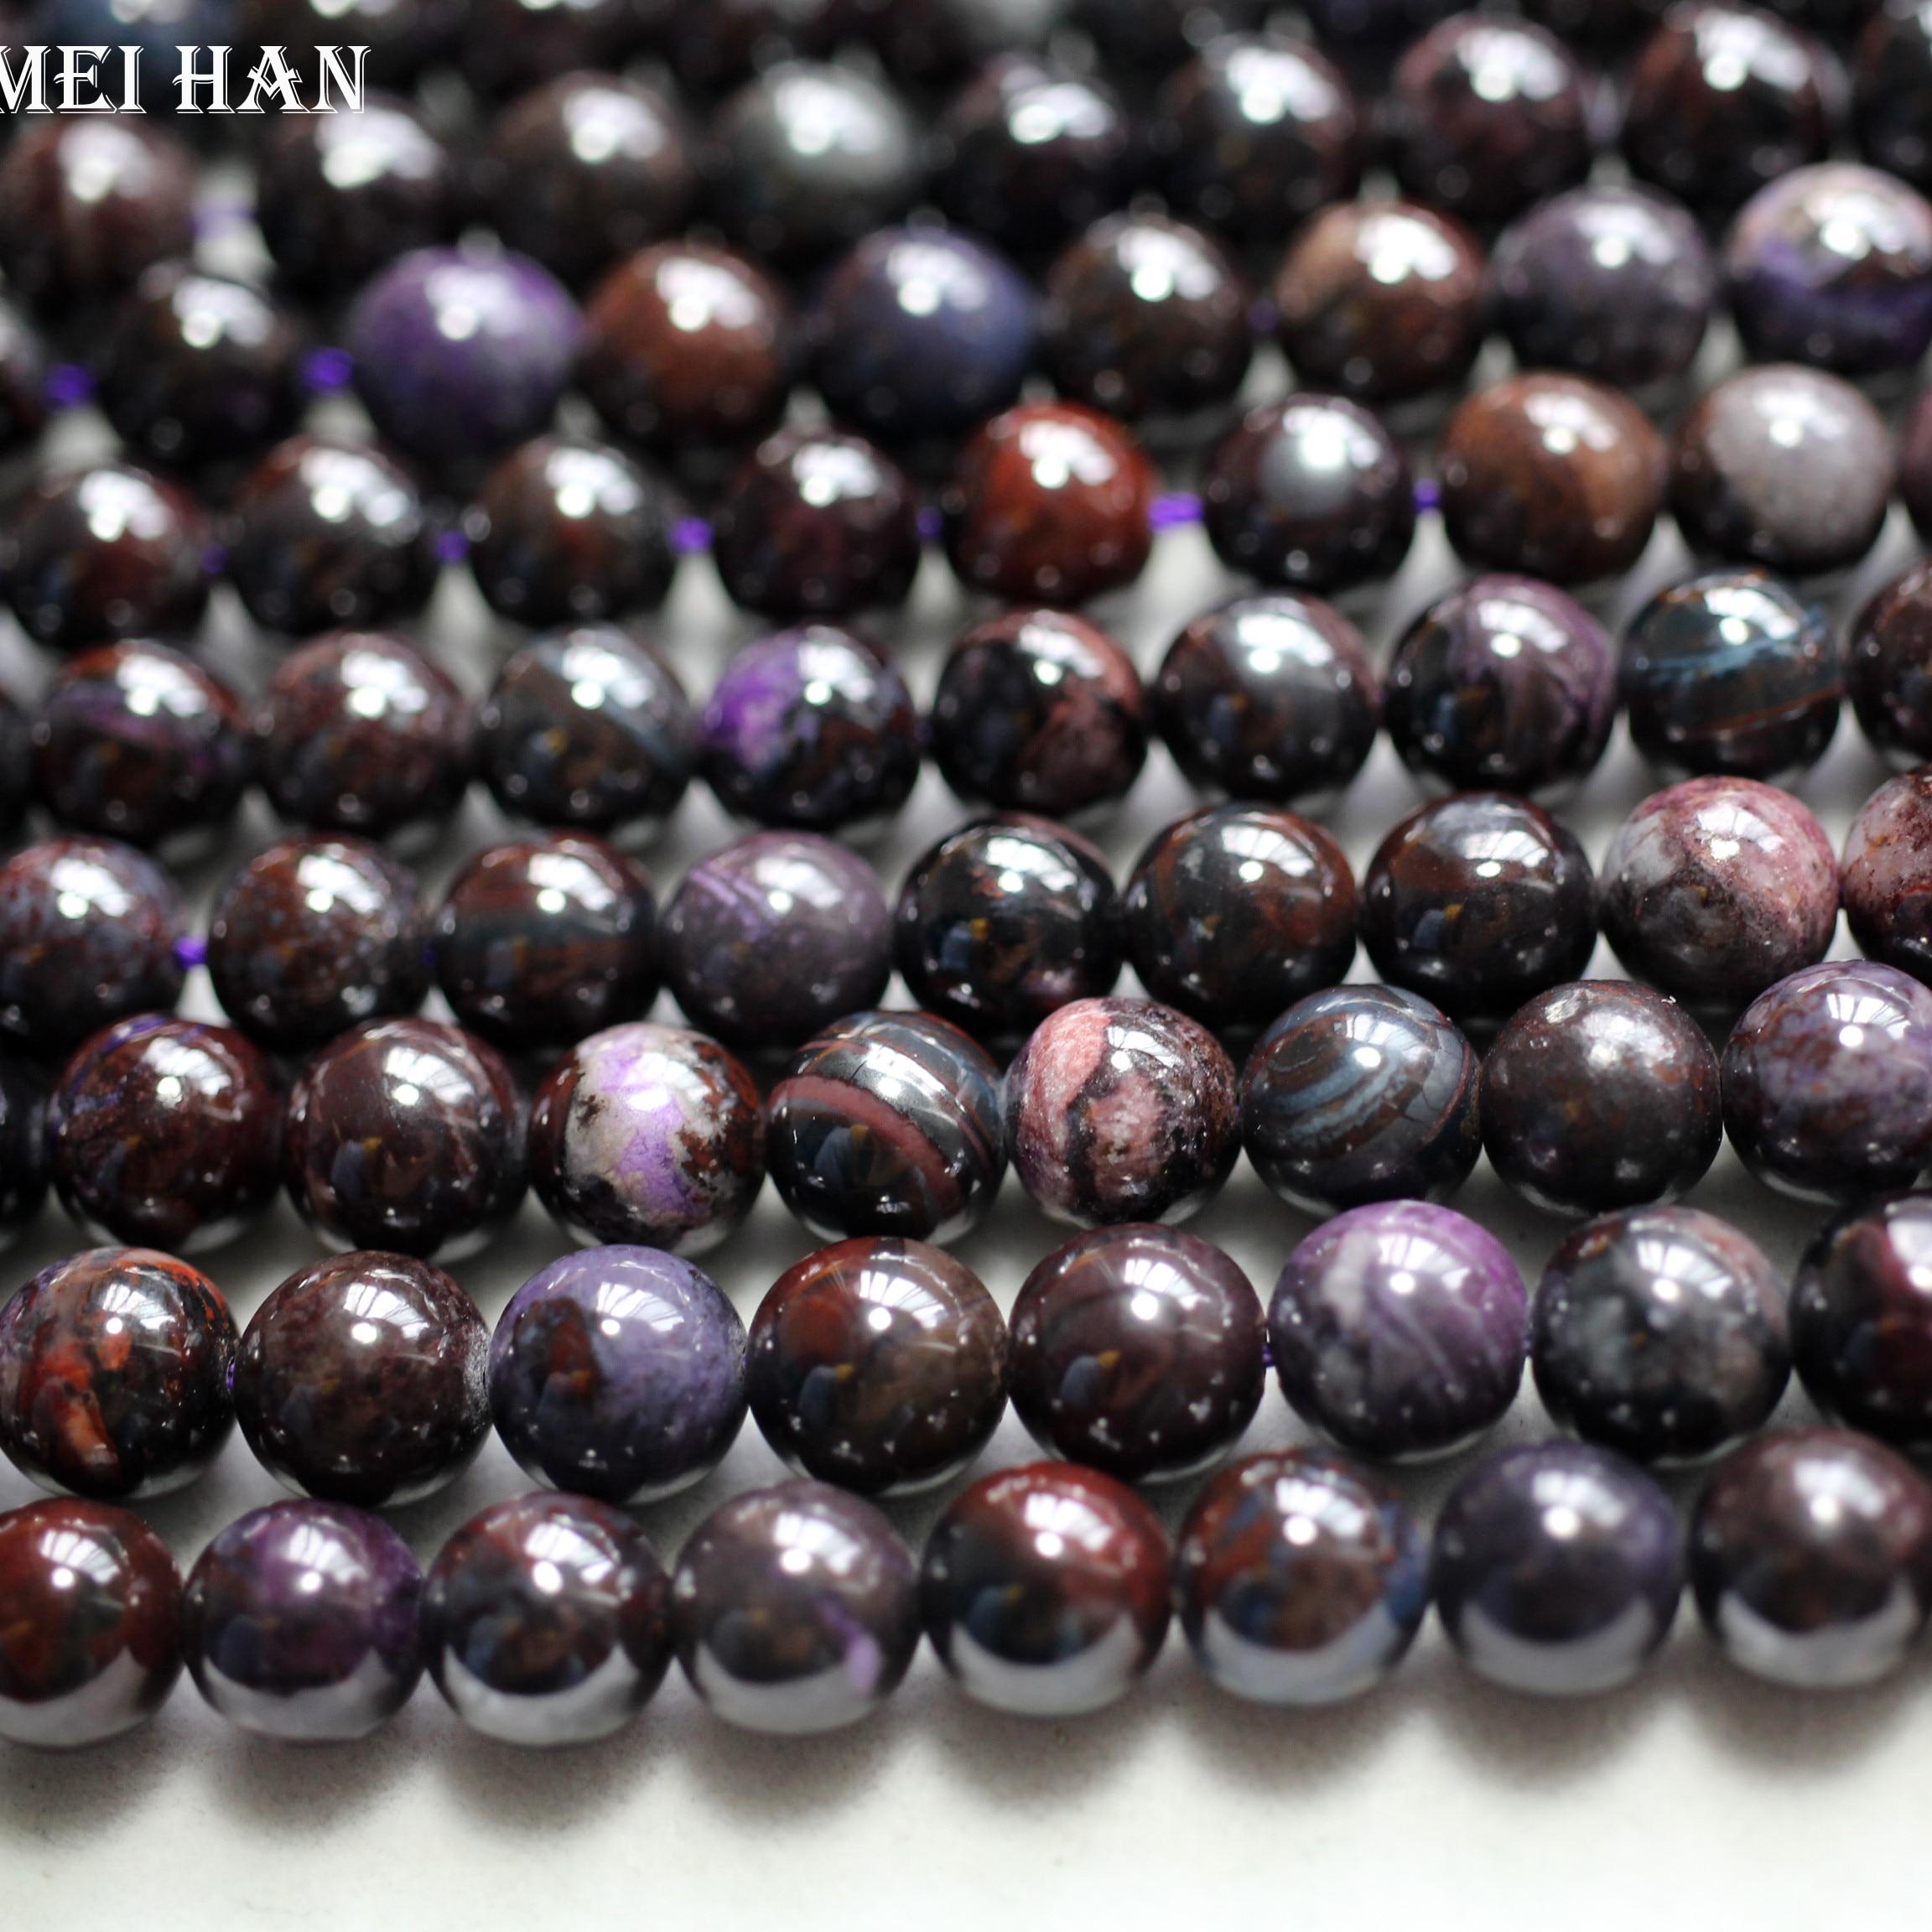 Vente en gros (49 perles/ensemble/45g) 8mm + 0.2 naturel véritable afrique du sud Sugilite lisse ronde perles en vrac pierre pour la conception de bijoux-in Perles from Bijoux et Accessoires    1